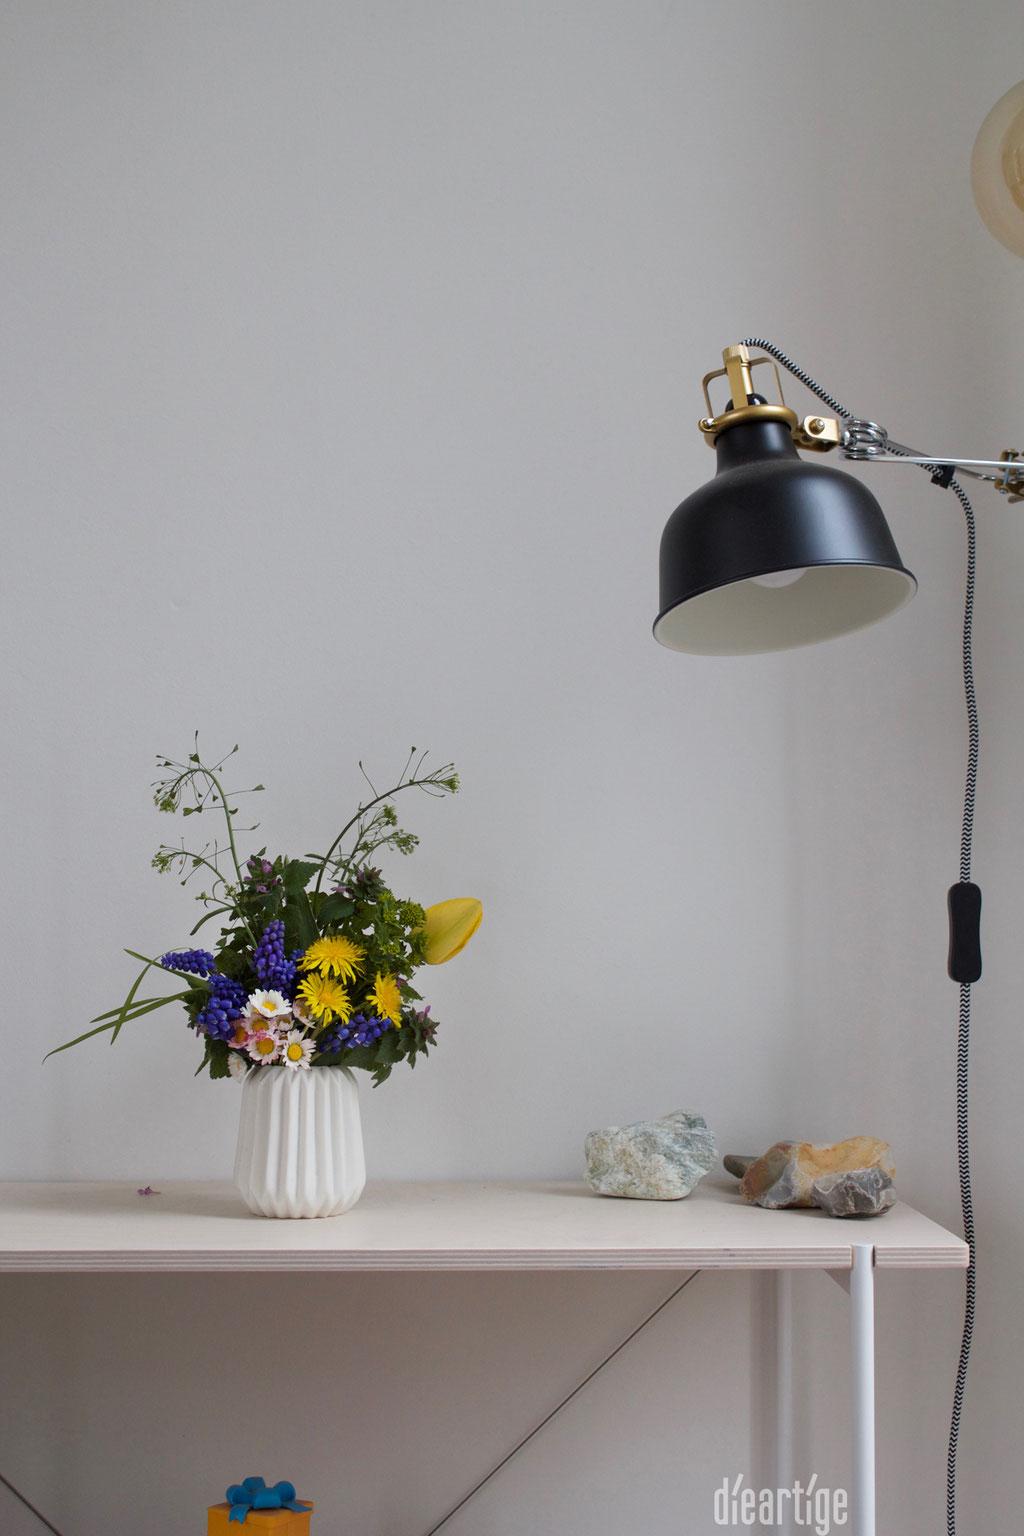 dieartigeBLOG - Wiesenblumen, Frühlingsblumen in Keramikvase, Klemmspot, Regal aus hellem Holz und weißem Metall